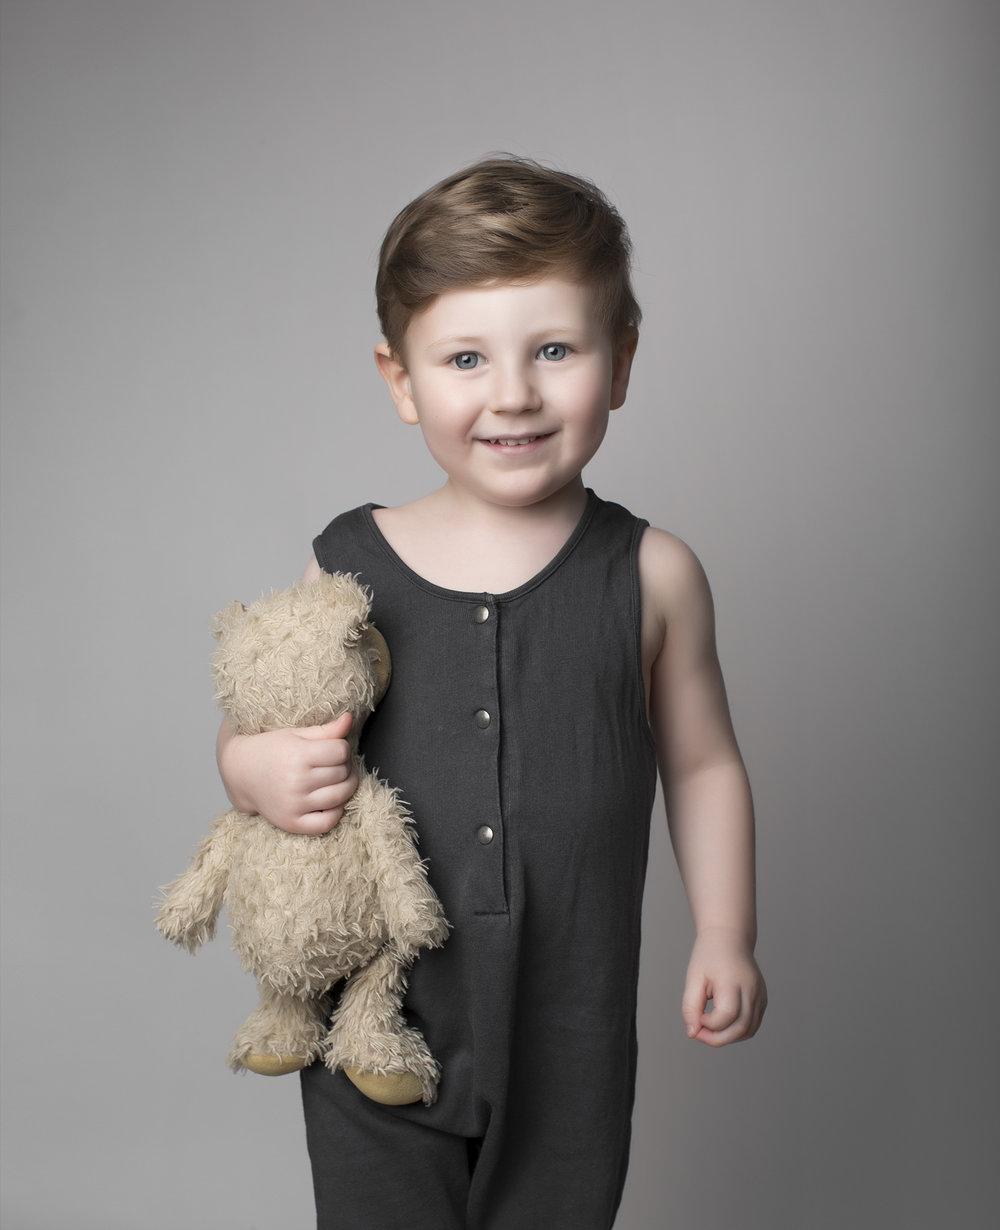 elizabethg_photography_hertfordshire_fineart_child_portrait_model_tommy2.jpg